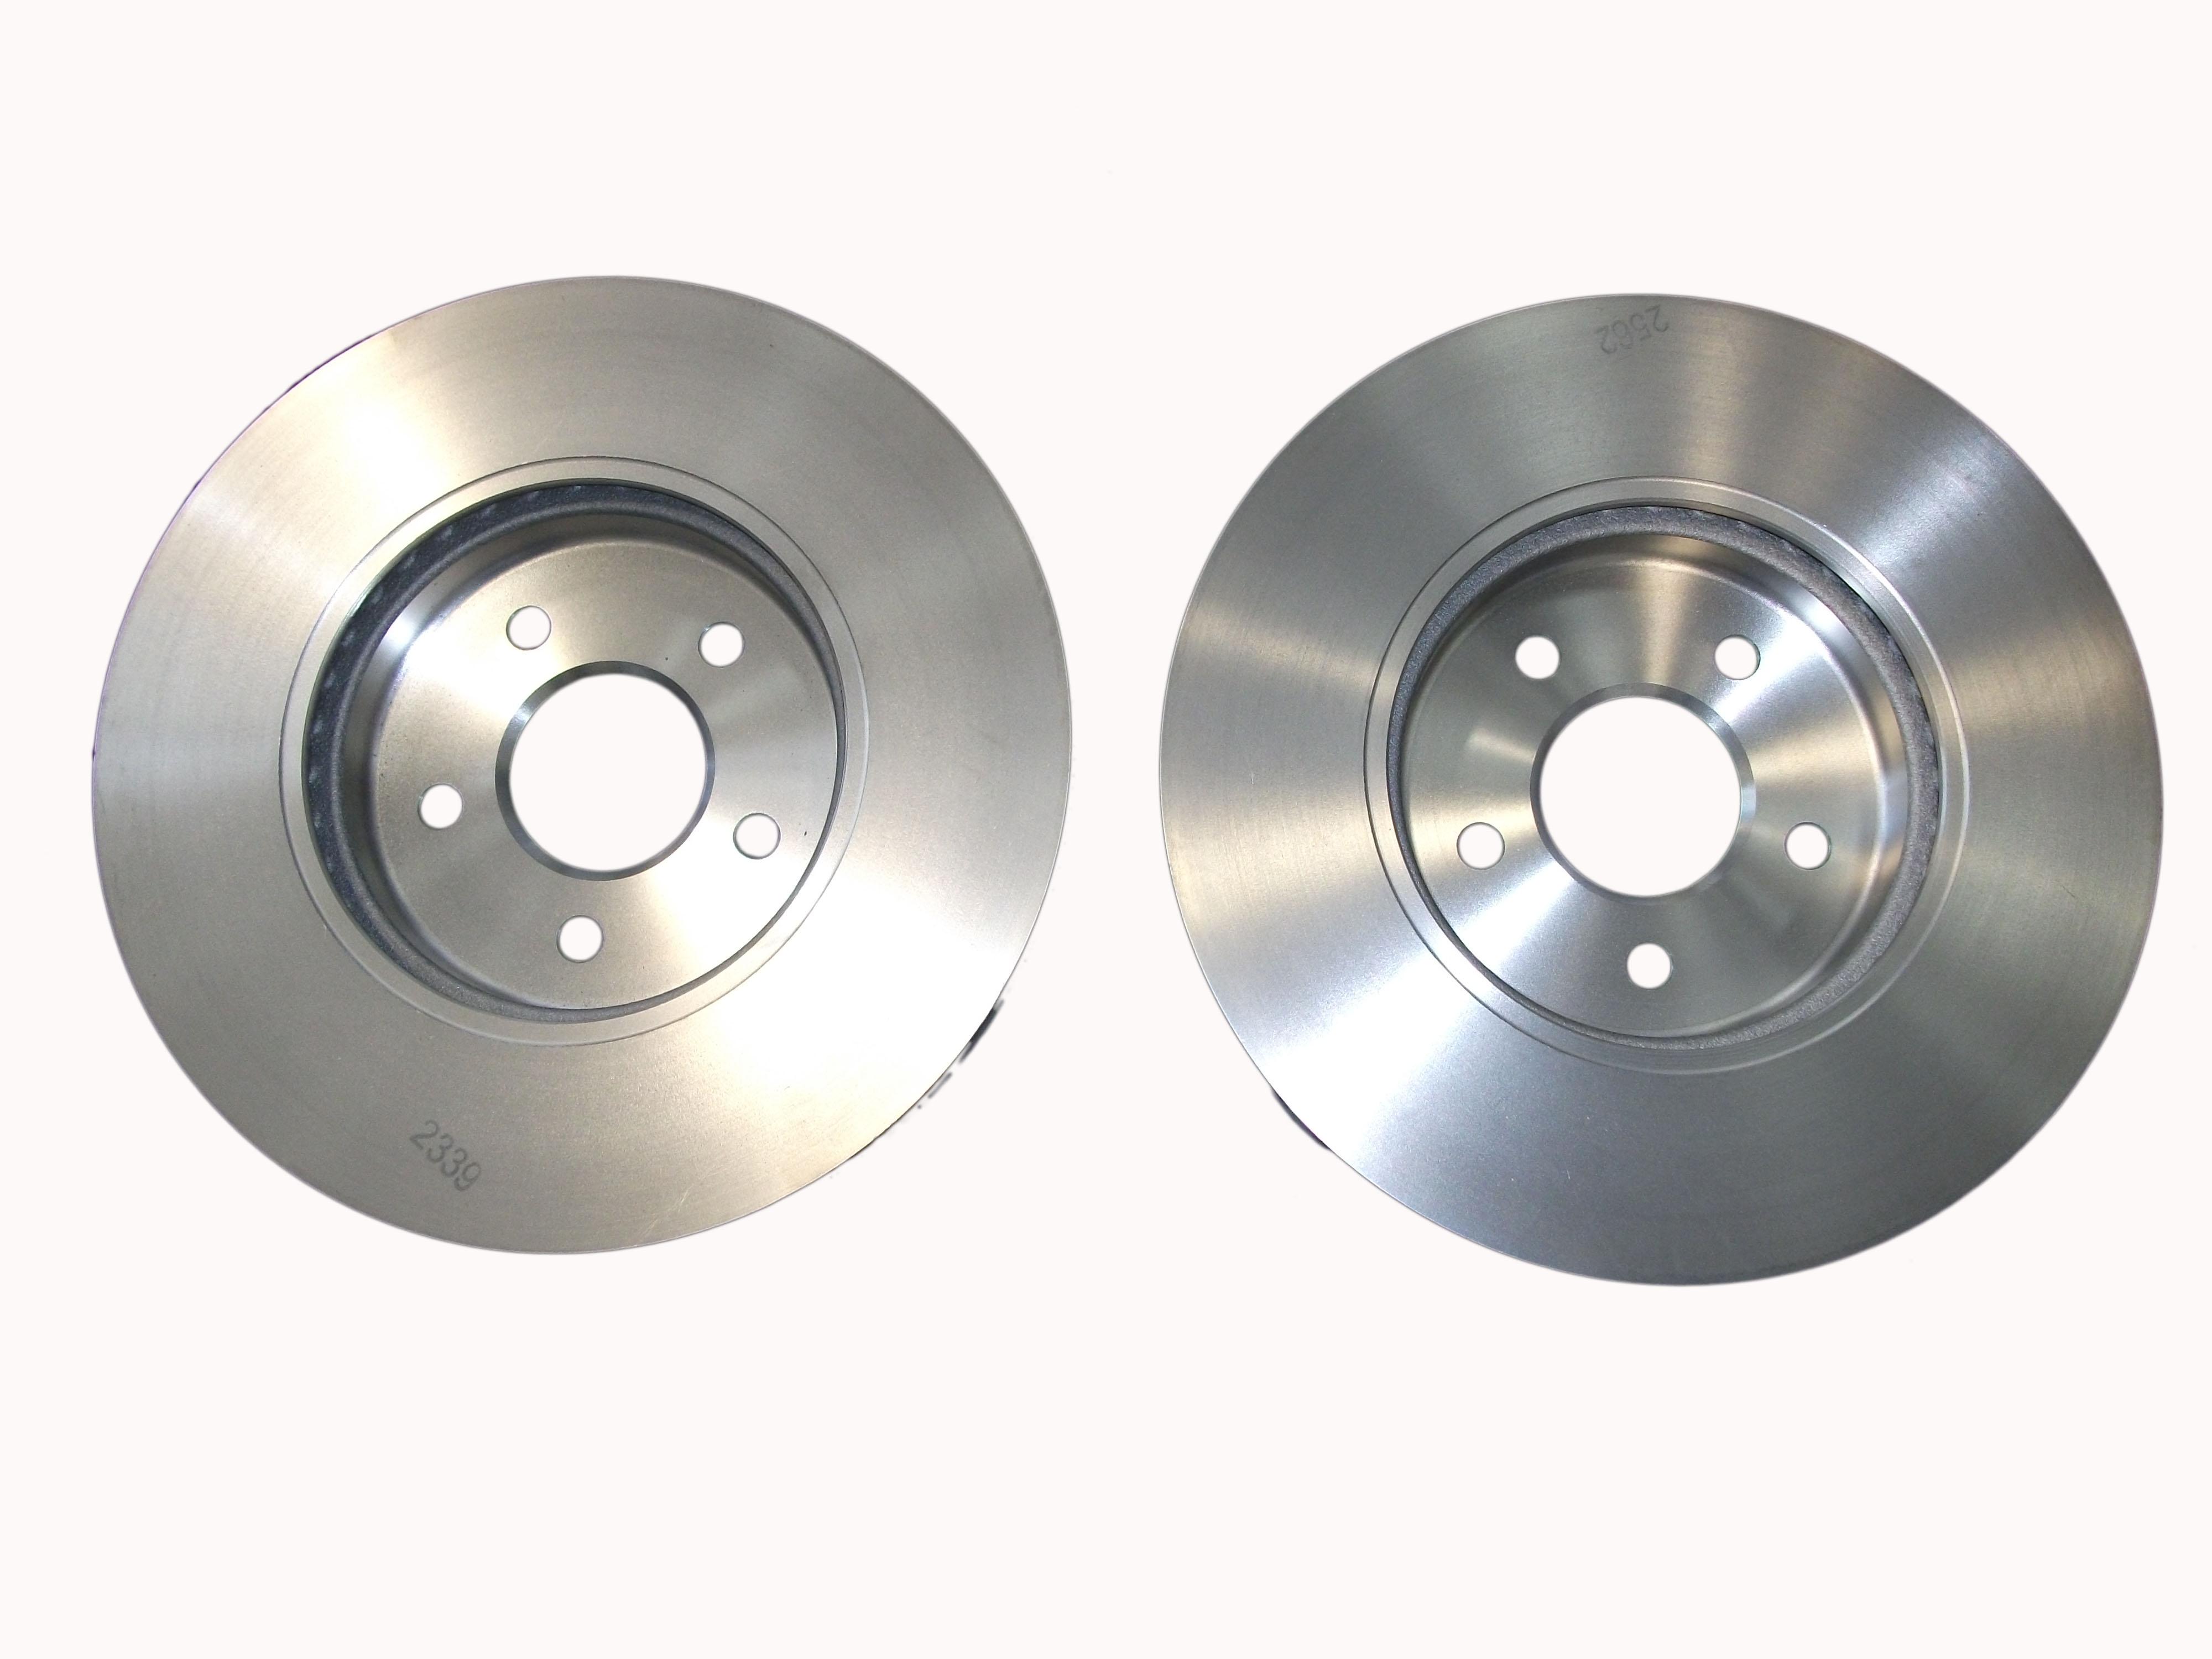 new genuine ford mondeo mk3 front brake discs 2000 2007 1681578 ebay. Black Bedroom Furniture Sets. Home Design Ideas